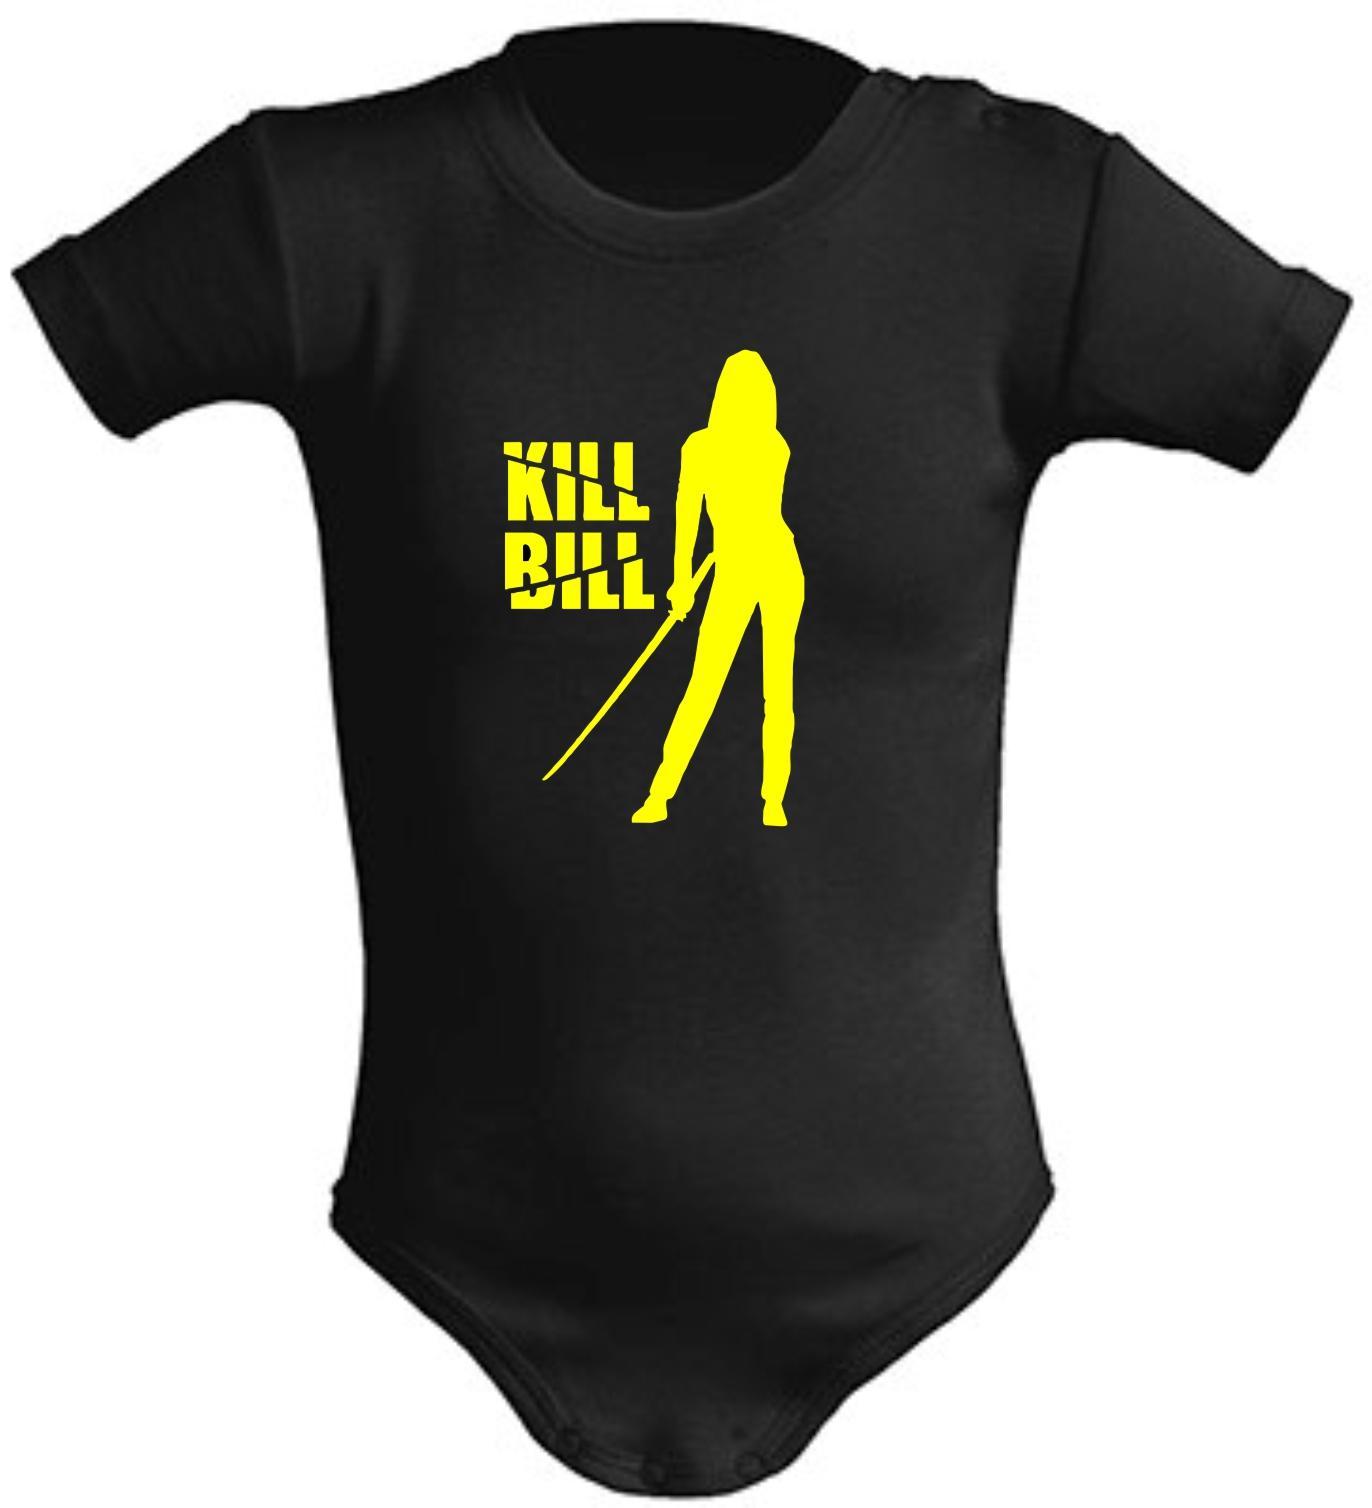 BODY DE BEBE KILL BILL